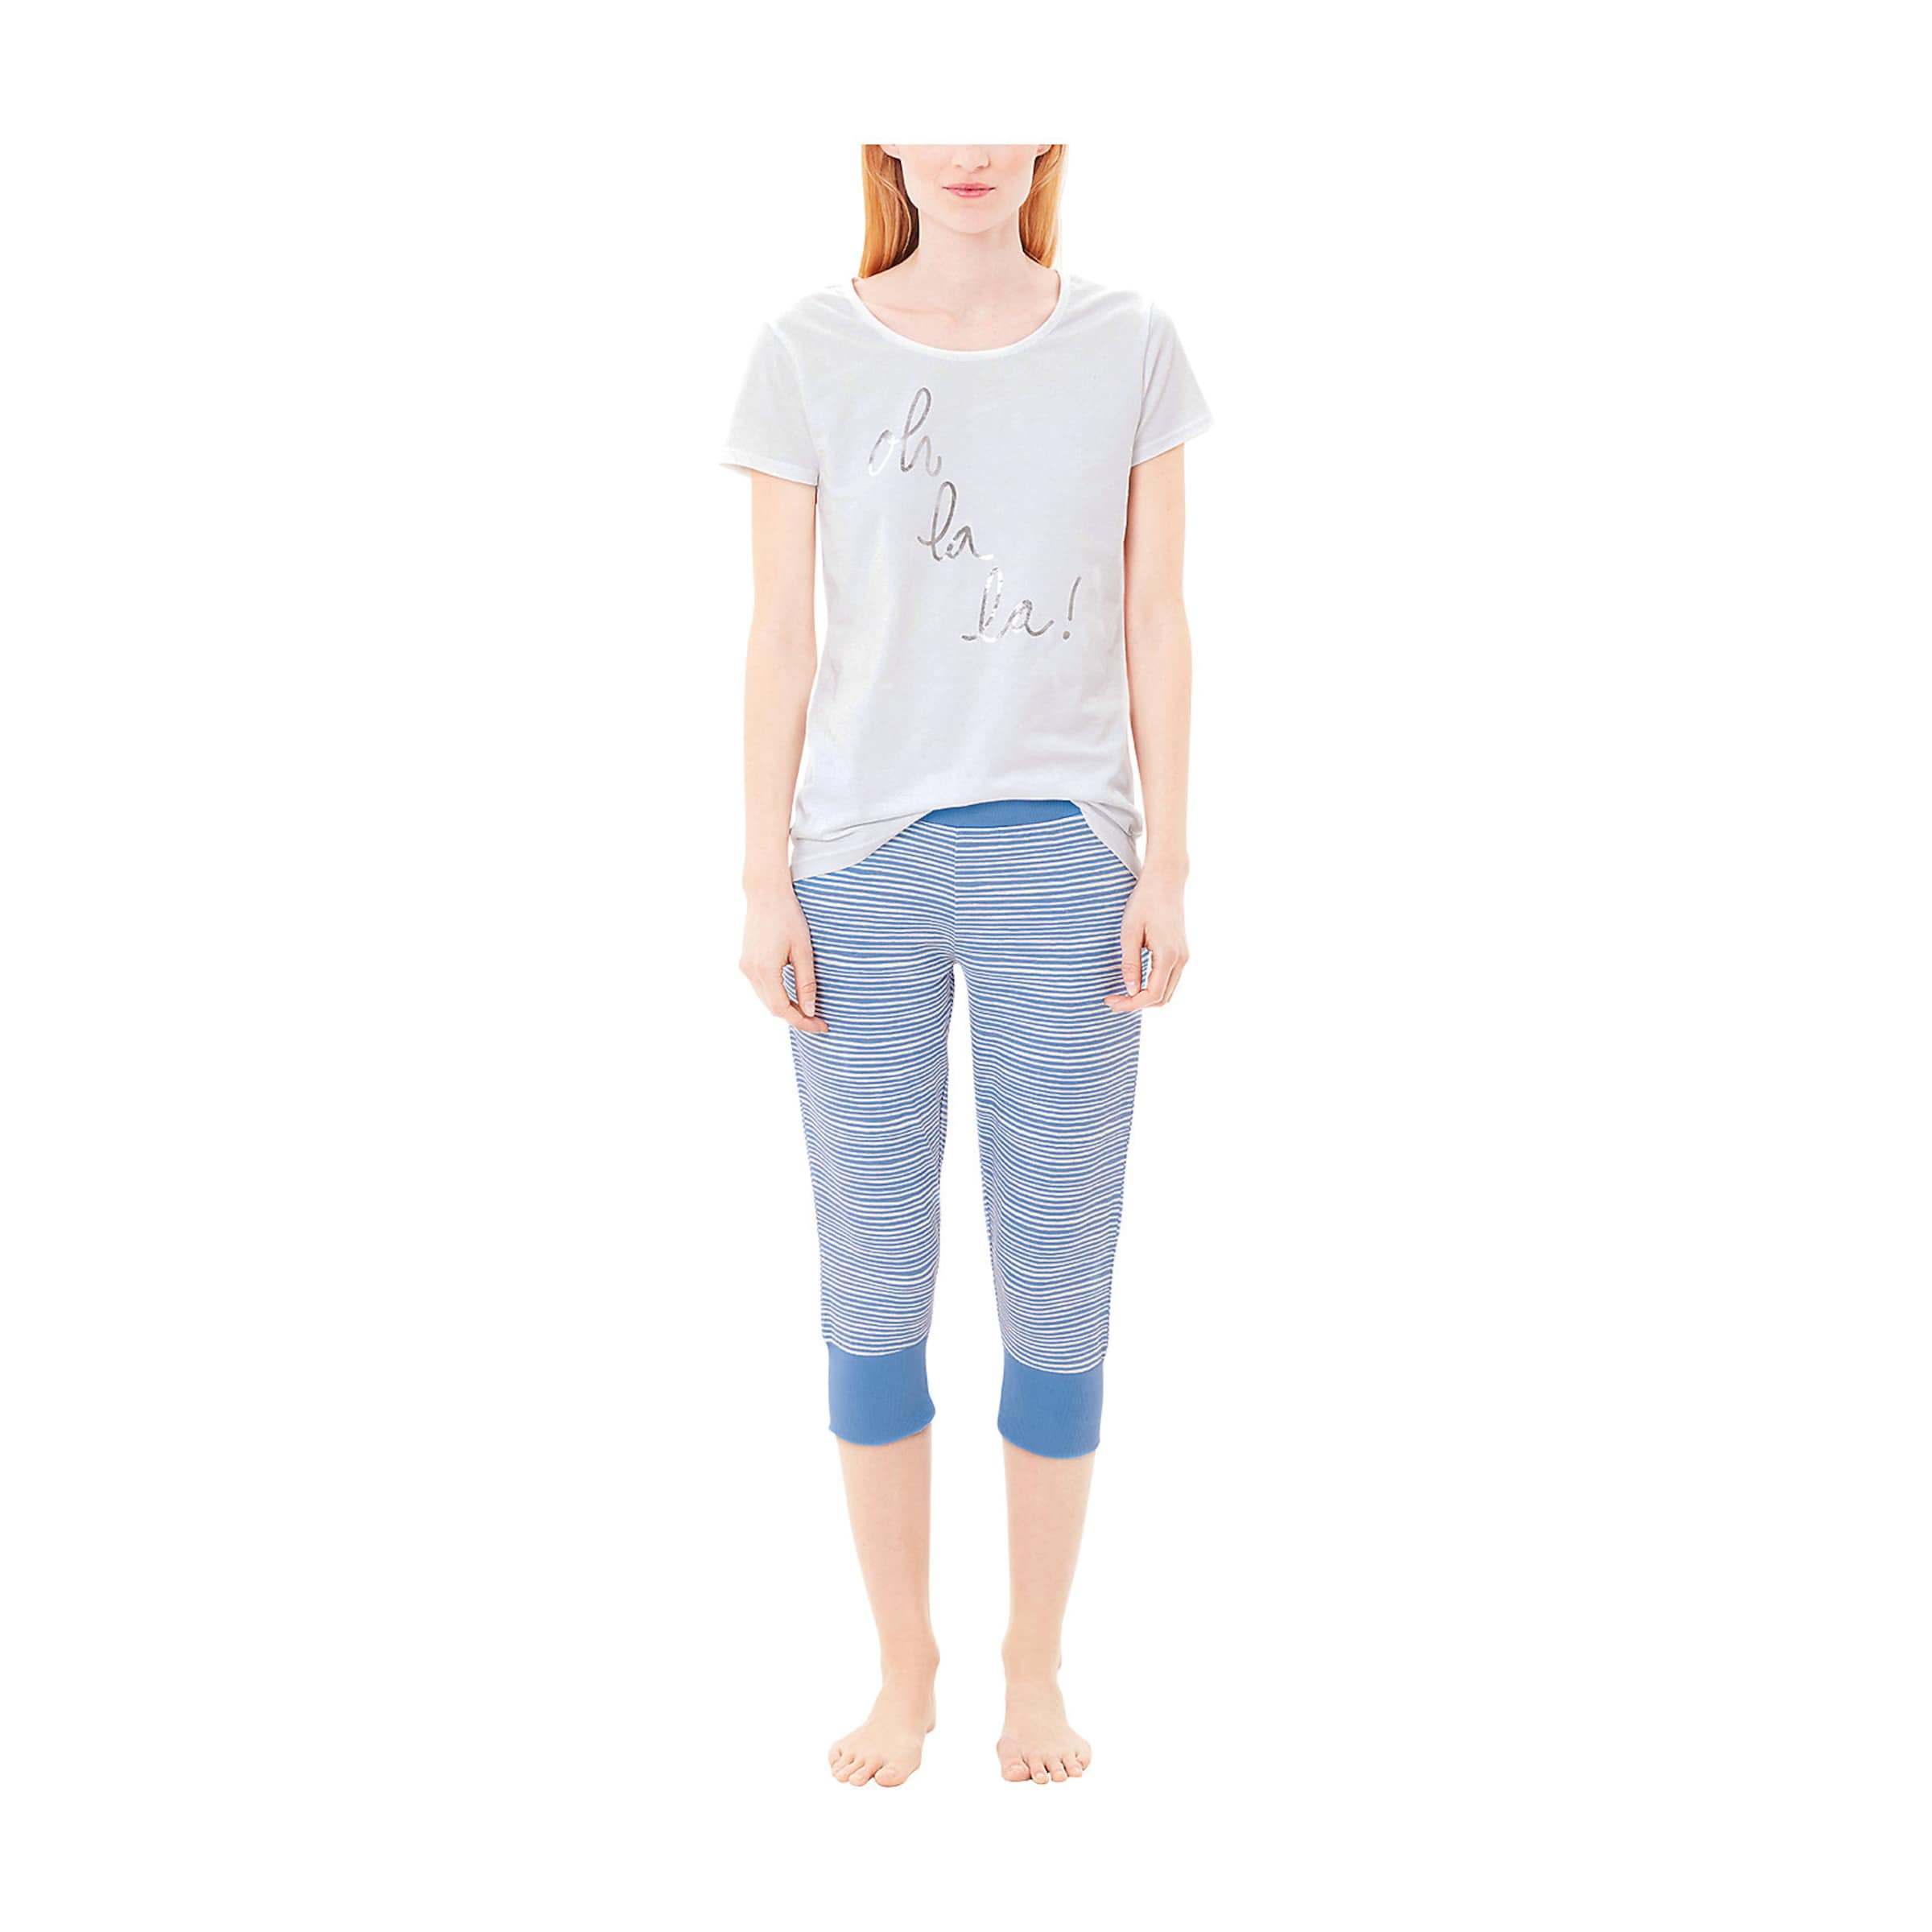 Wirklich Billig Preis Spielraum Zahlung Mit Visa s.Oliver RED LABEL Schlafanzug Neue Stile Günstig Online Billig Vermarktbare Freies Verschiffen Beruf 4fbUqa